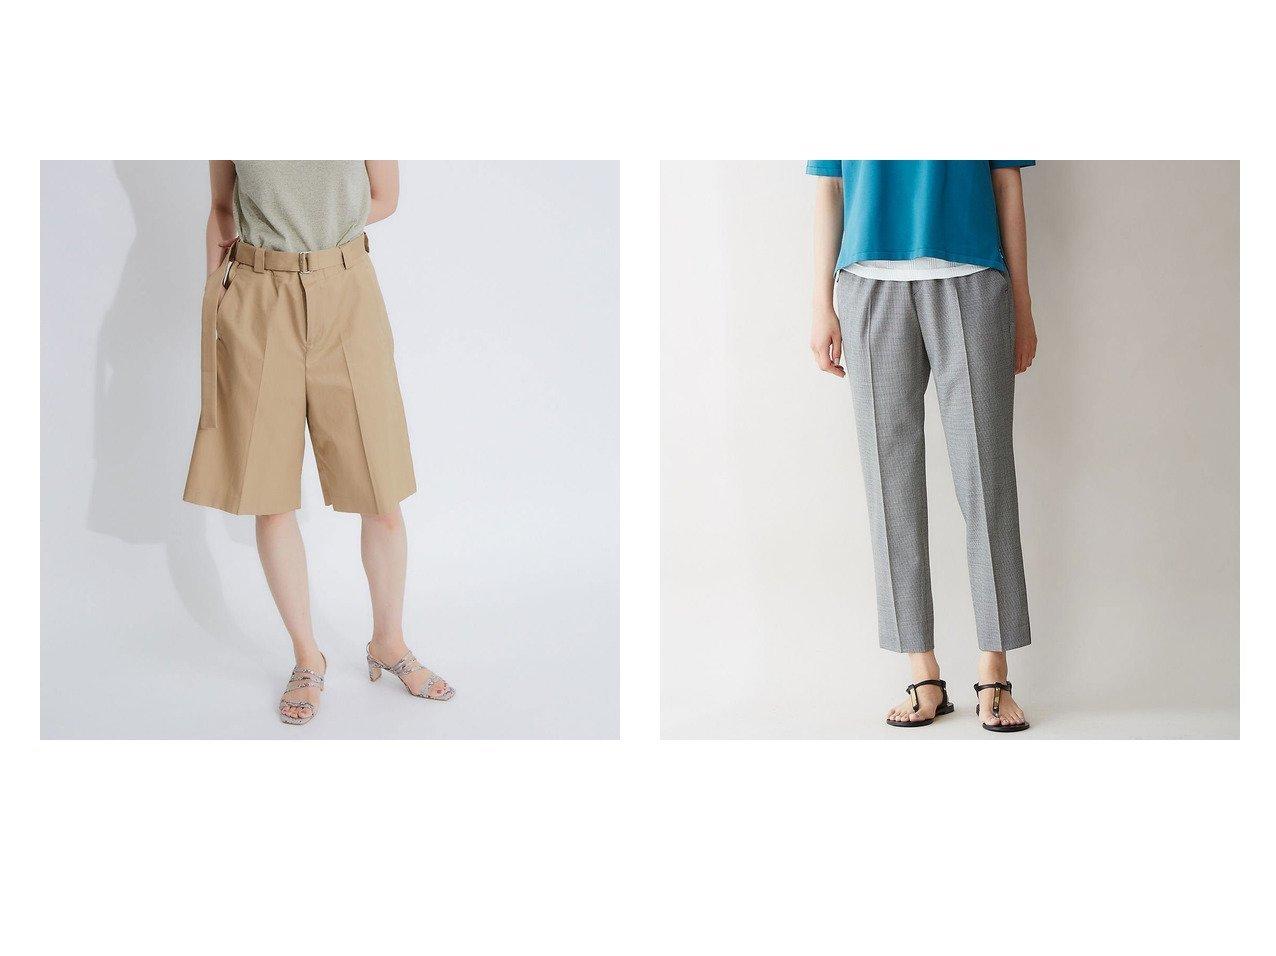 【qualite/カリテ】の《セットアップで使える!》ウールストレッチテーパードパンツ&ハーフパンツ パンツのおすすめ!人気、トレンド・レディースファッションの通販 おすすめで人気の流行・トレンド、ファッションの通販商品 メンズファッション・キッズファッション・インテリア・家具・レディースファッション・服の通販 founy(ファニー) https://founy.com/ ファッション Fashion レディースファッション WOMEN パンツ Pants ハーフ / ショートパンツ Short Pants セットアップ Setup パンツ Pants 2020年 2020 2020 春夏 S/S SS Spring/Summer 2020 S/S 春夏 SS Spring/Summer ショート ストレート センター ハーフ バランス 今季 春 Spring 秋 Autumn/Fall サンダル シューズ ストレッチ スリット セットアップ トレンド フラット |ID:crp329100000016073